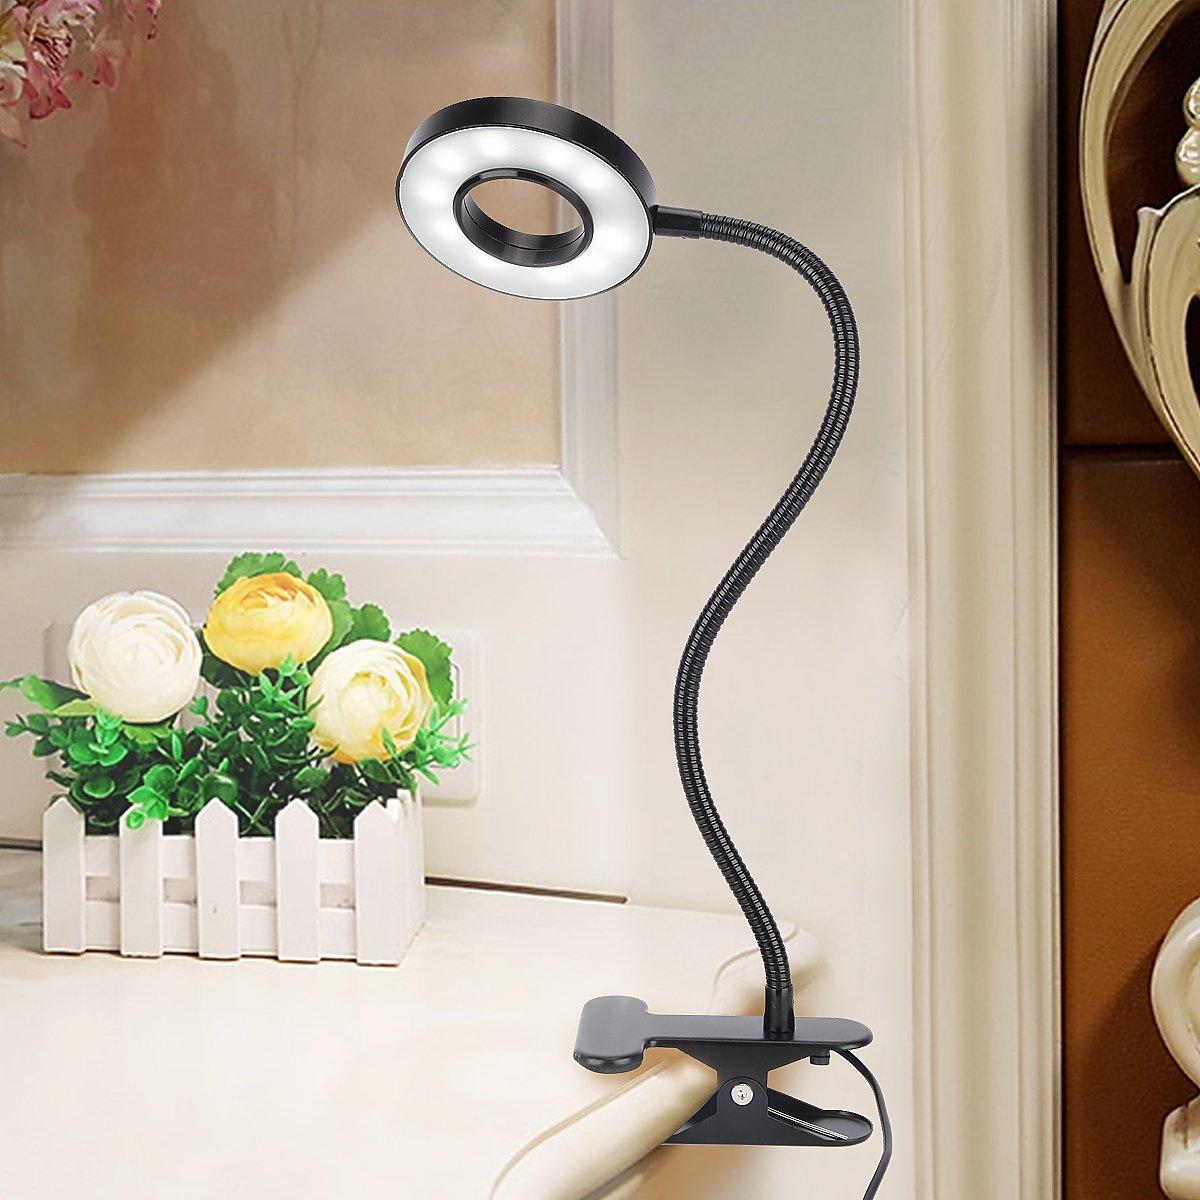 Kernorv Clip on Light/Reading Lights, 5W LED USB Dimmable 5 Color Modes Clip on Light Adjustable Brightness Portable Bed Reading Light Clip Lights for Bed Desk Headboard by Kernorv (Image #7)